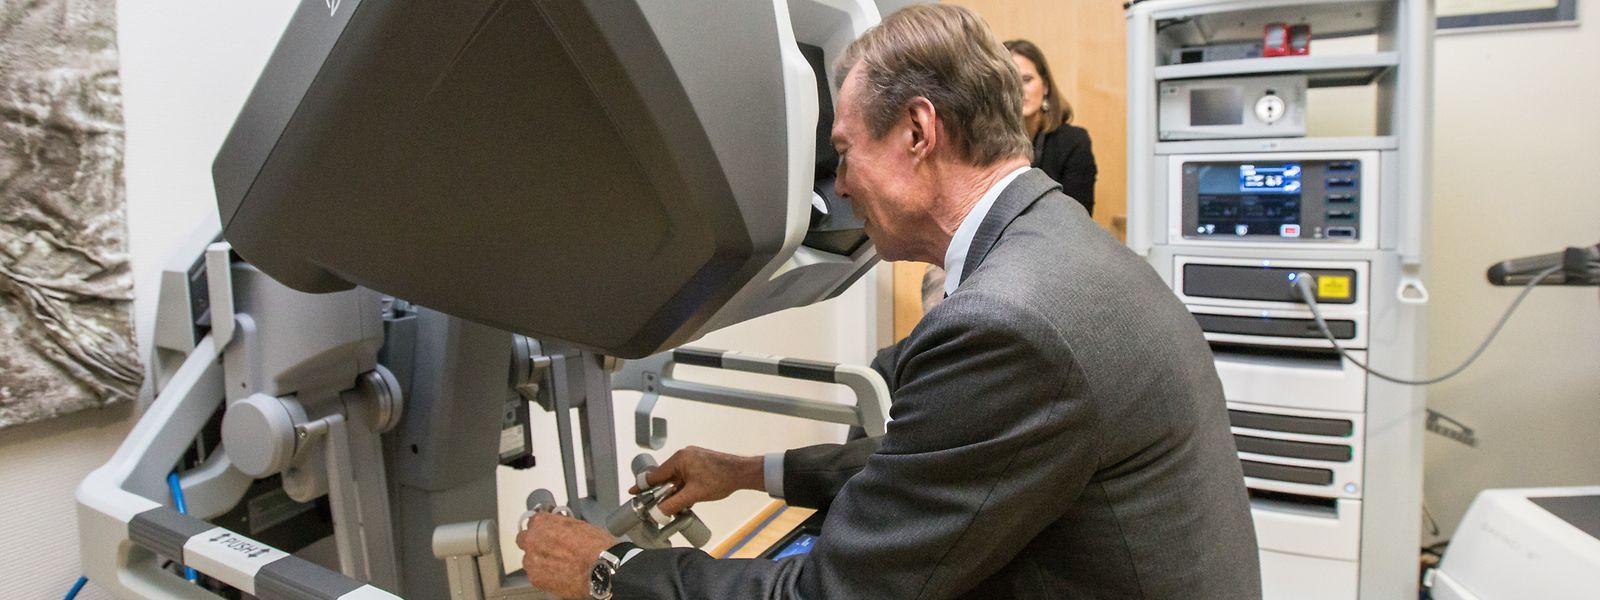 Großherzog Henri setzte sich mit großem Interesse mit dem Da-Vinci-Roboter auseinander.